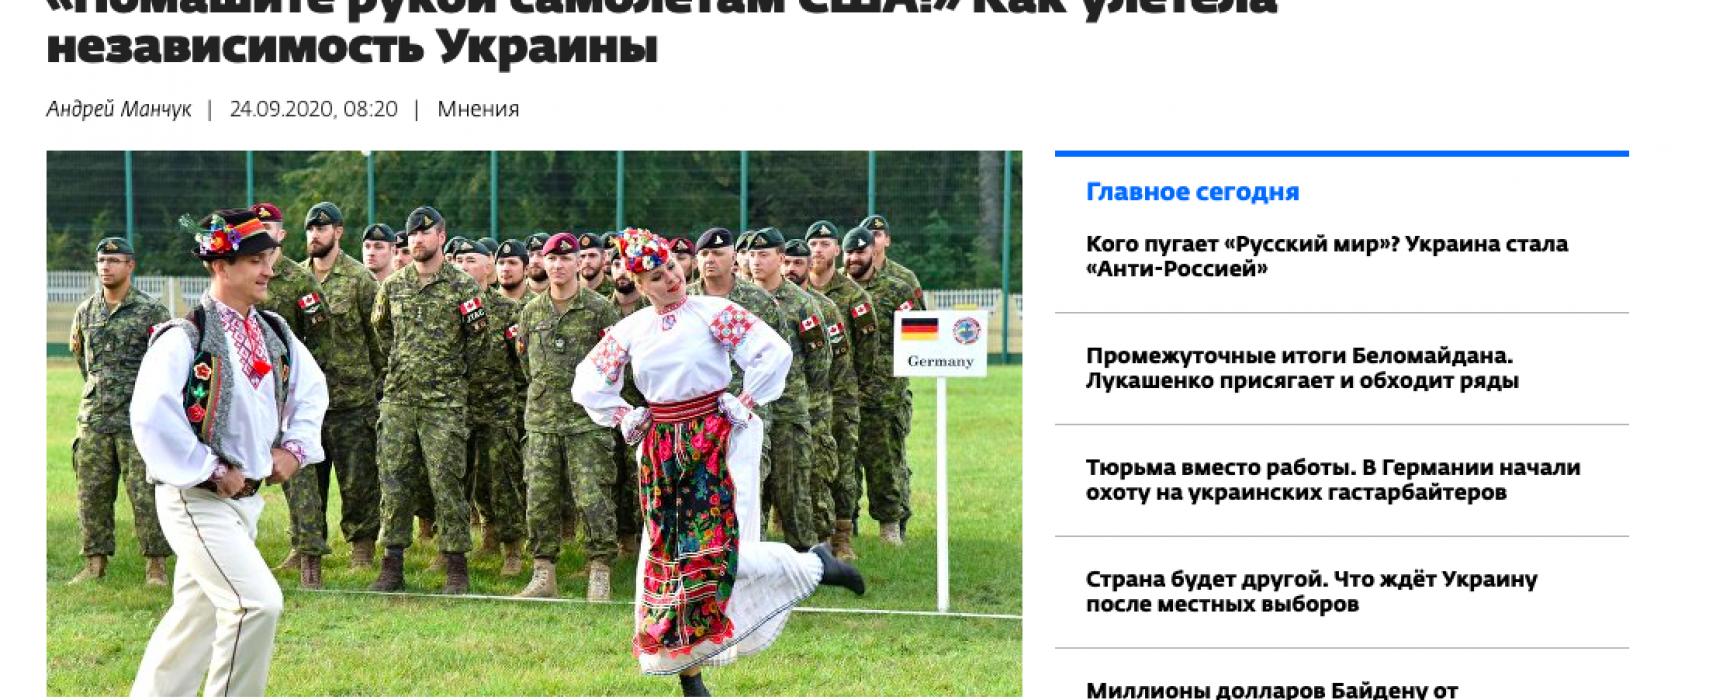 Фейк: Війська НАТО в Україні знаходяться «незаконно» – це «окупація»